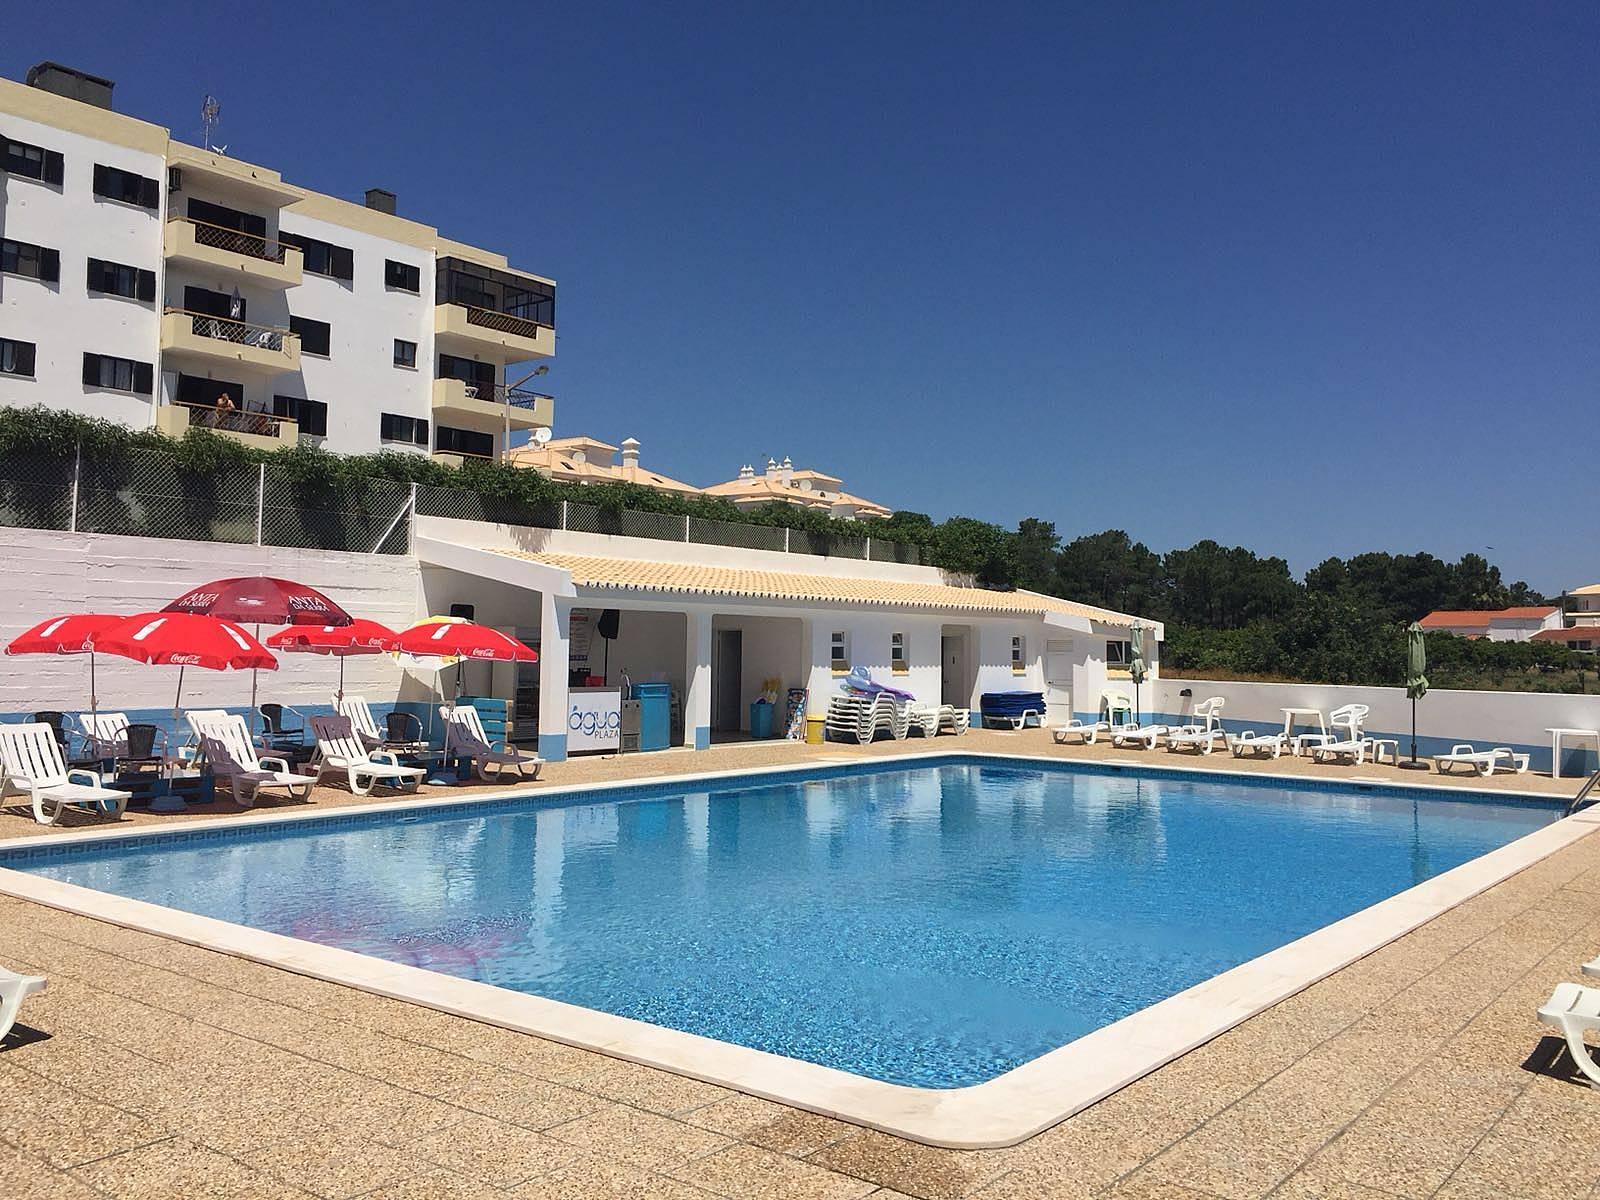 8 appartamenti in affitto a 500 m dal mare olhos de gua for Appartamenti in affitto a bressanone e dintorni